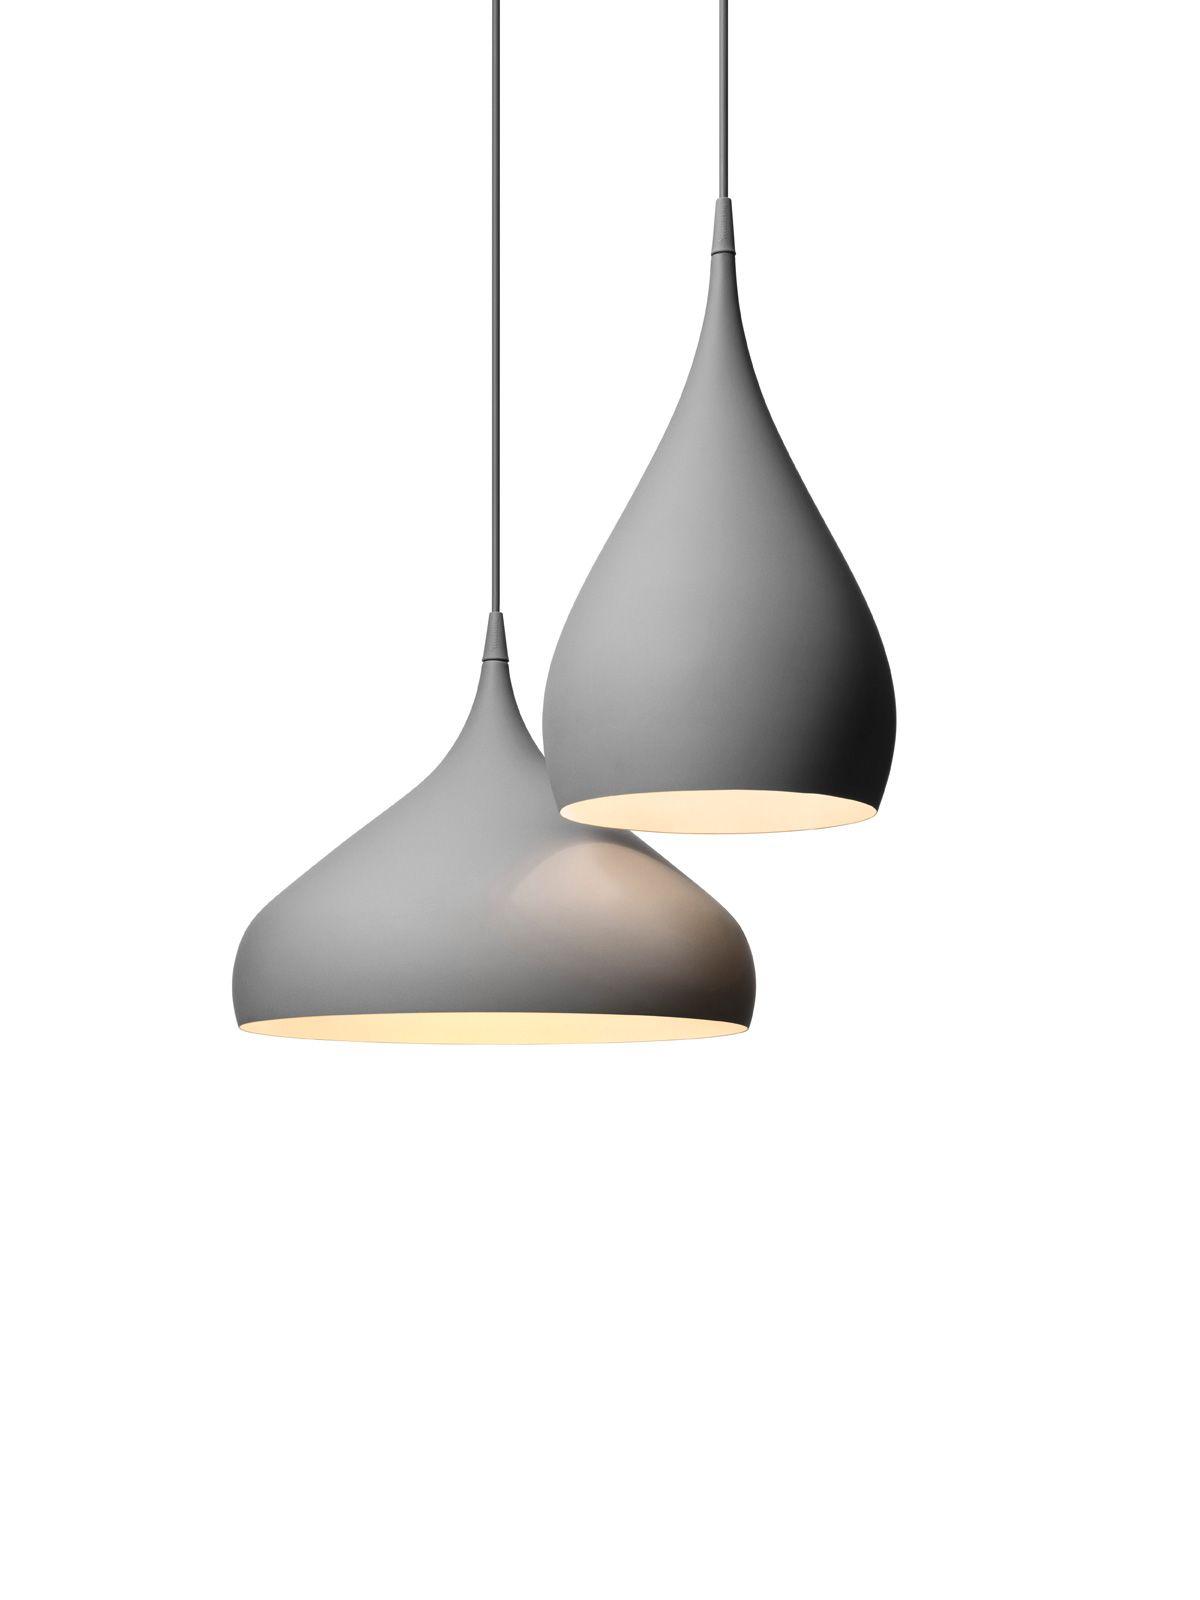 Inspirational SPINNING BH lampe leuchte skandinavisch design